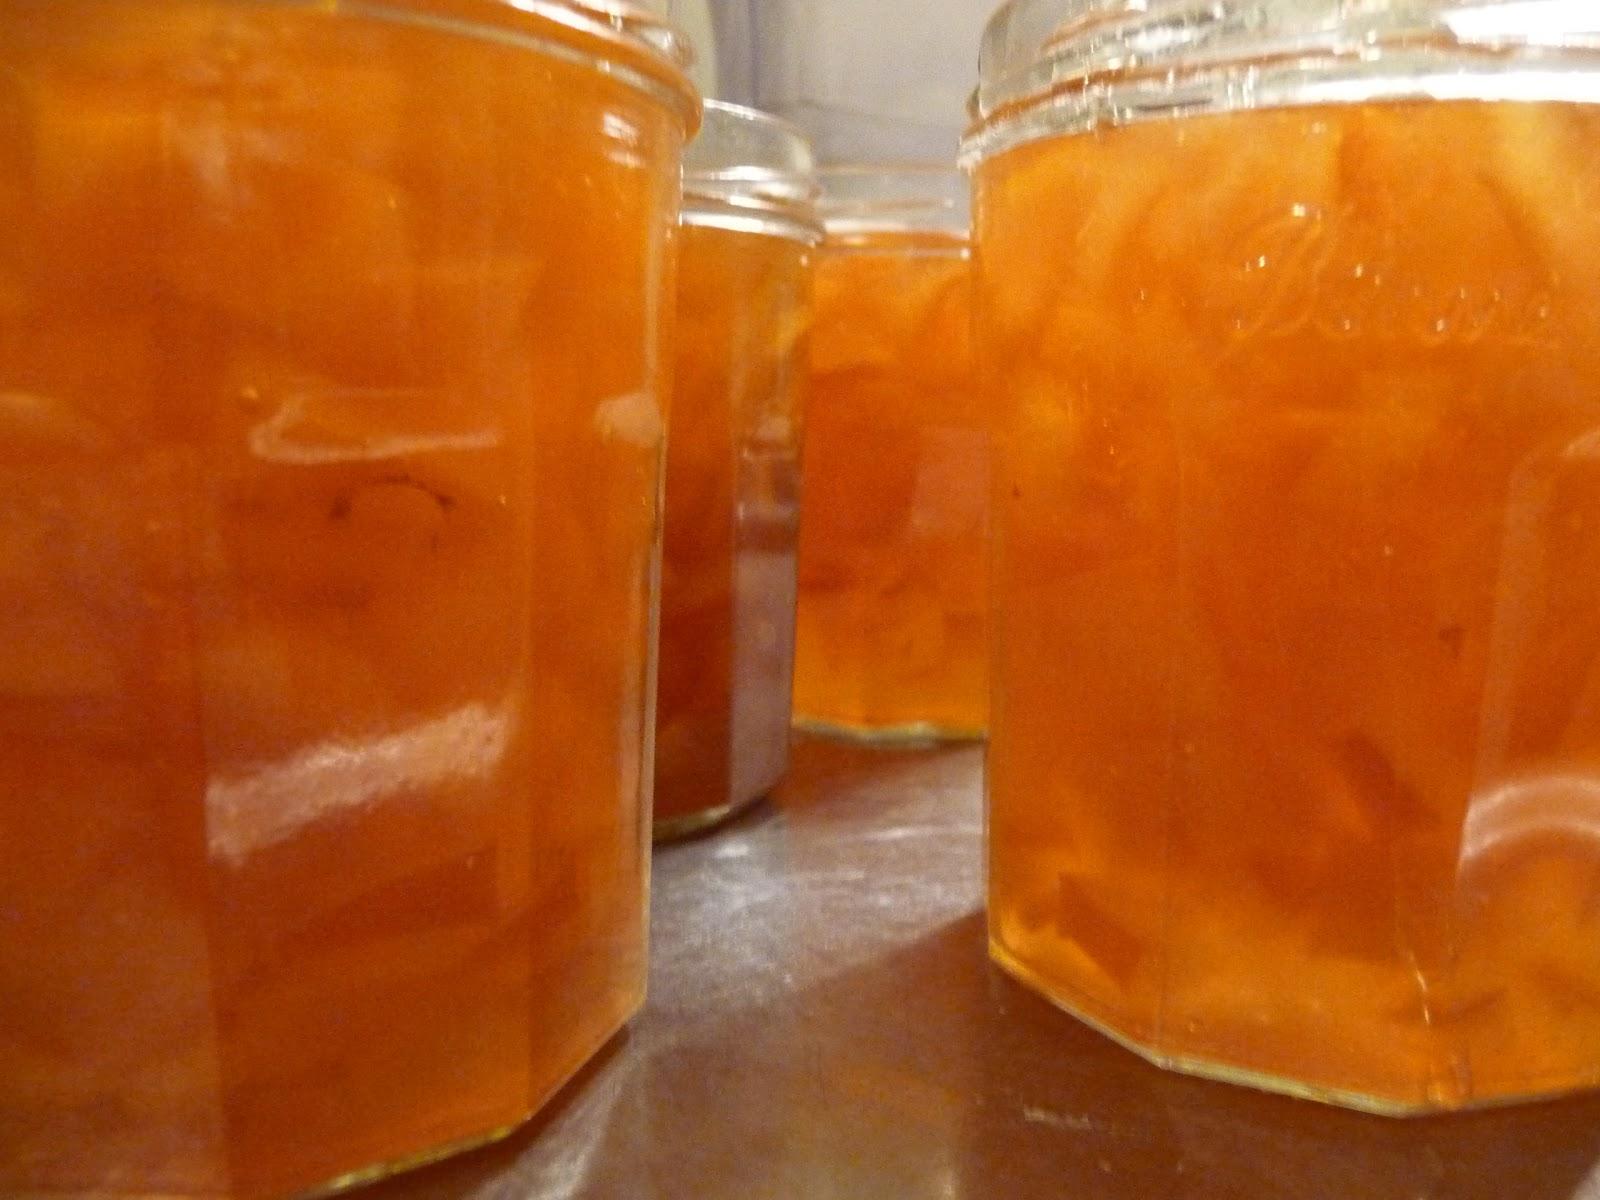 Un peu gay dans les coings marmelade d 39 oranges am res - Marmelade d orange amere ...